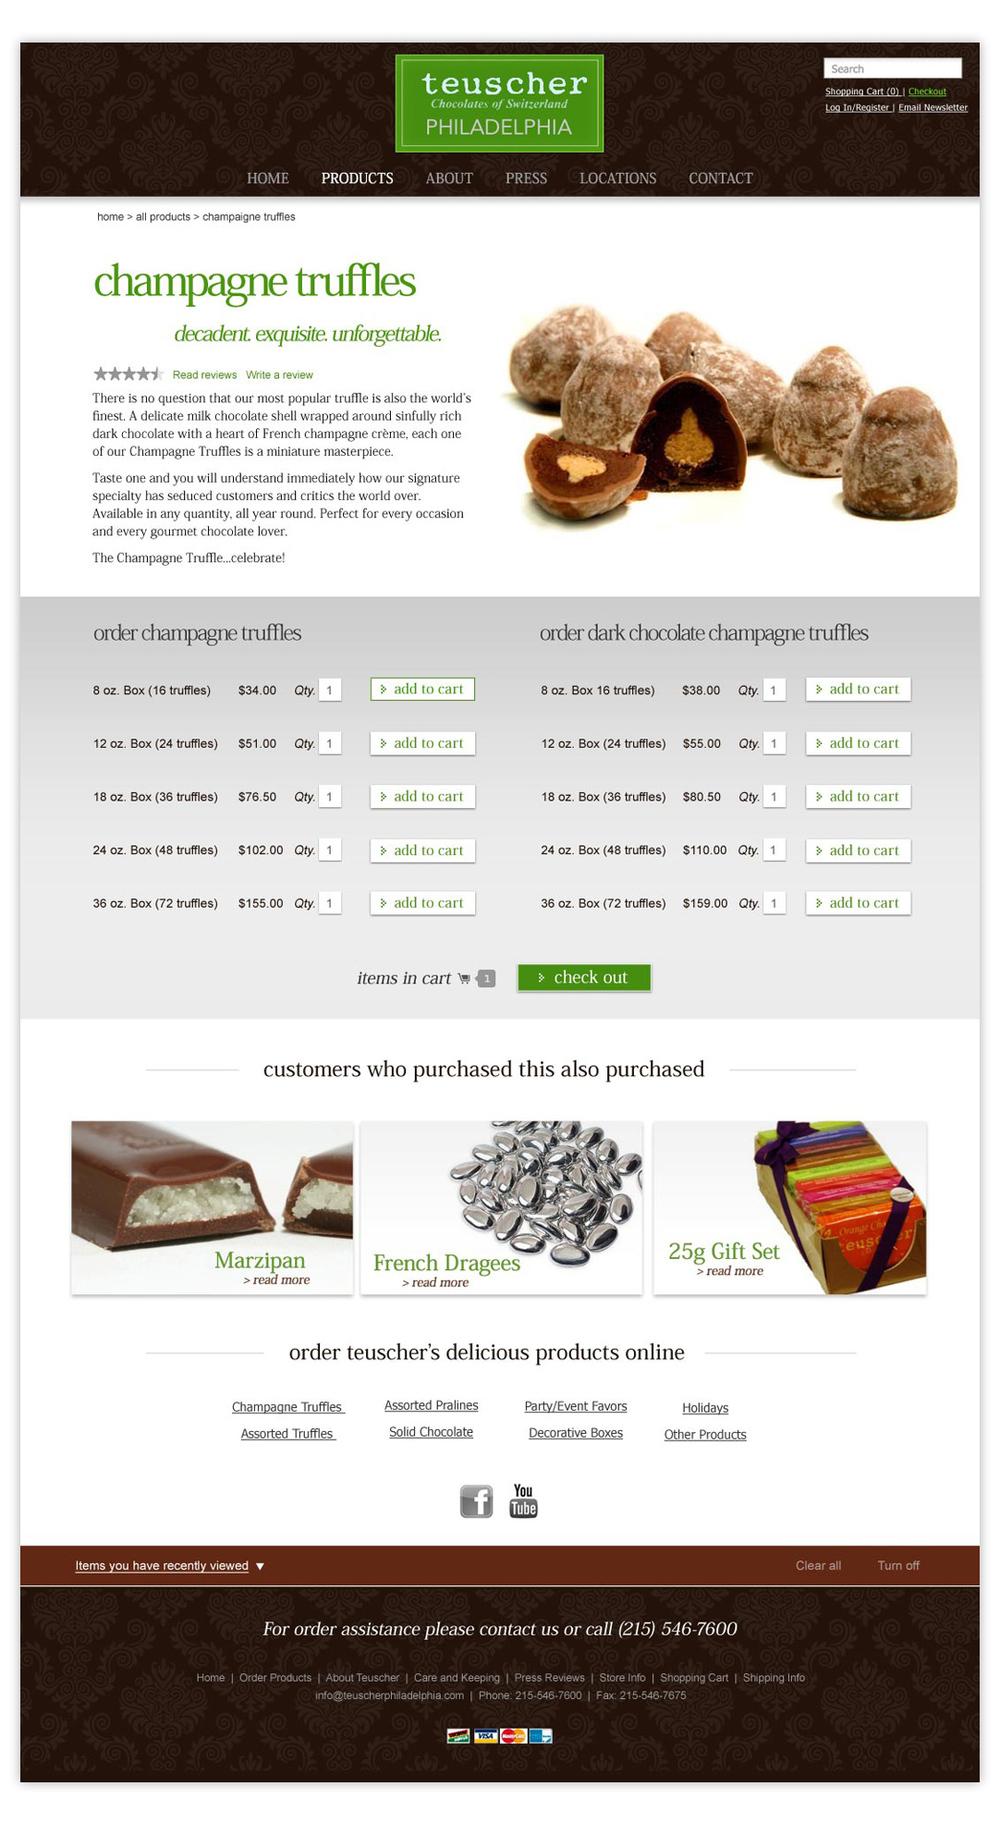 Teuscher_0003_Truffles-Product-Page.jpg